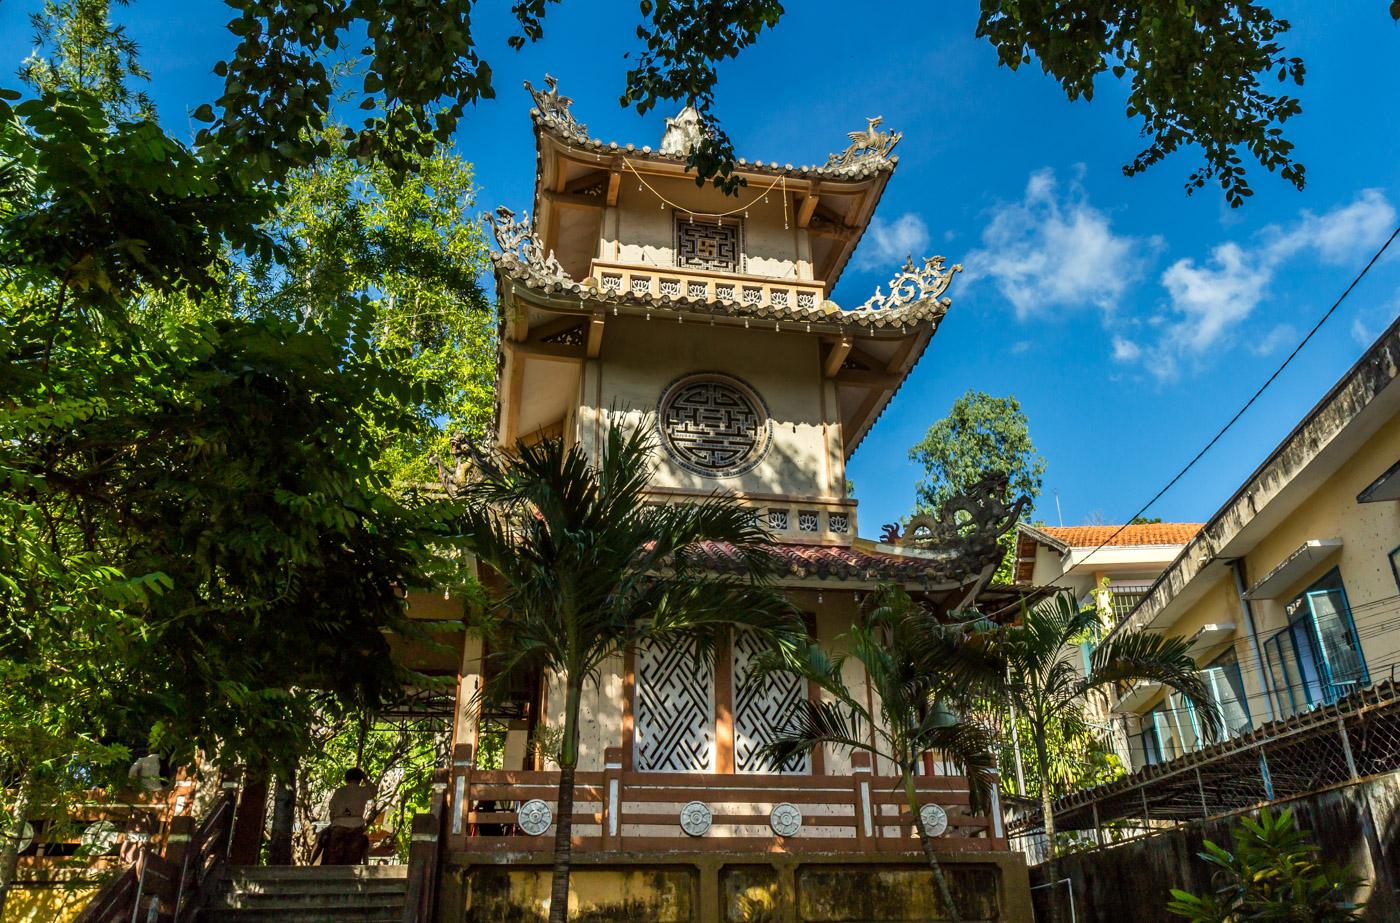 At the pagoda.